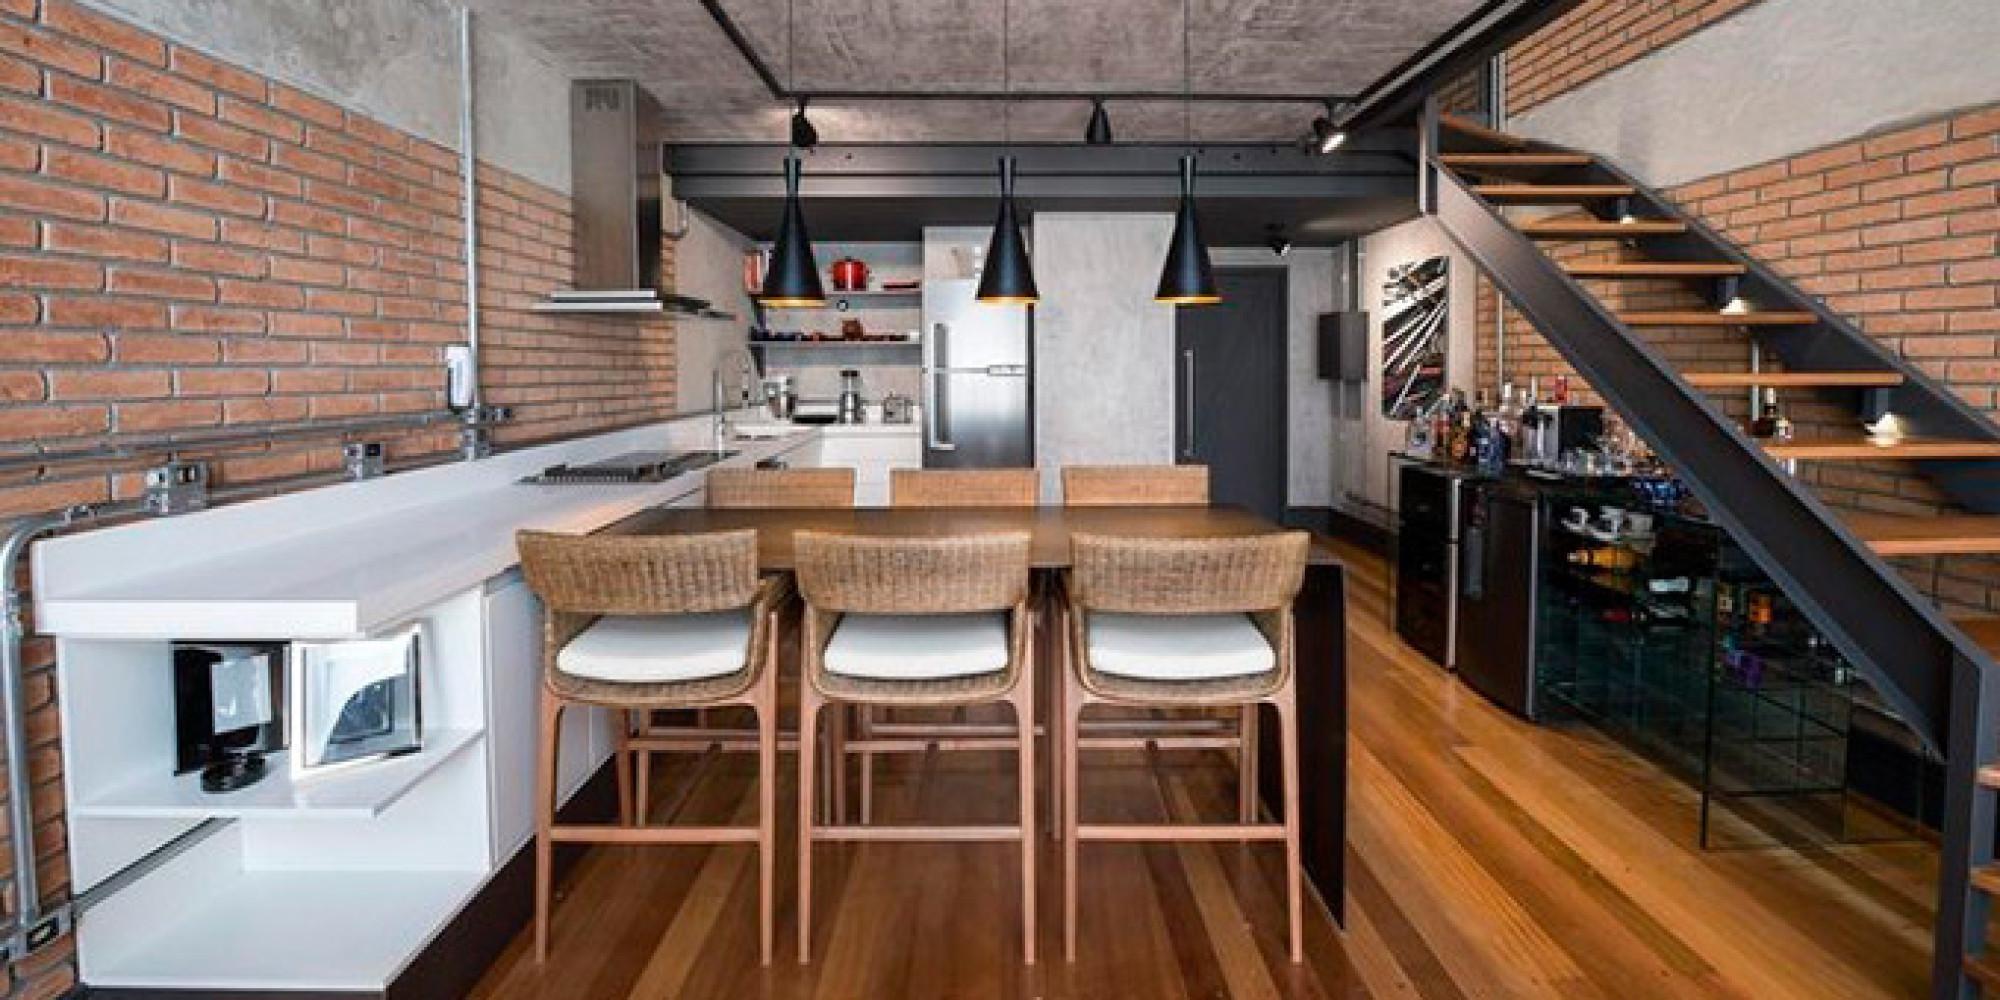 #9E602D 10 projetos de cozinhas funcionais para você se inspirar 2000x1000 px Projetos De Cozinhas Funcionais_5729 Imagens